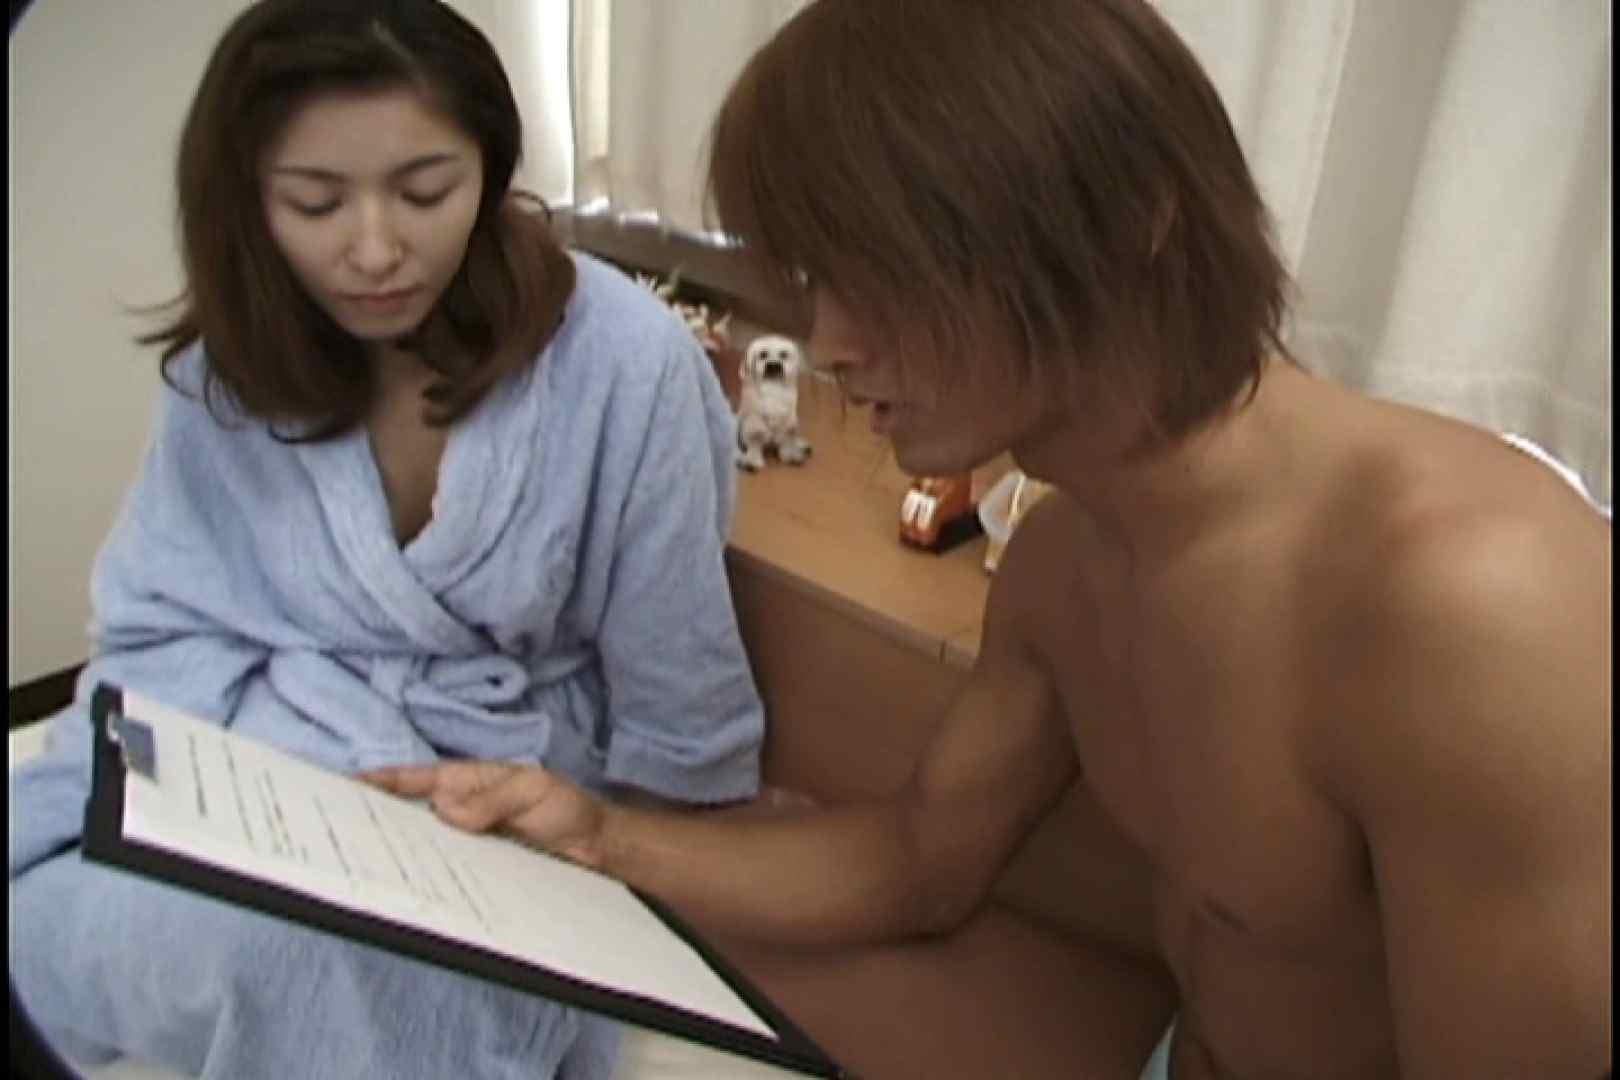 昼間の奥様は欲求不満 ~安田弘美~ ギャル達のSEX | 人妻  68画像 40